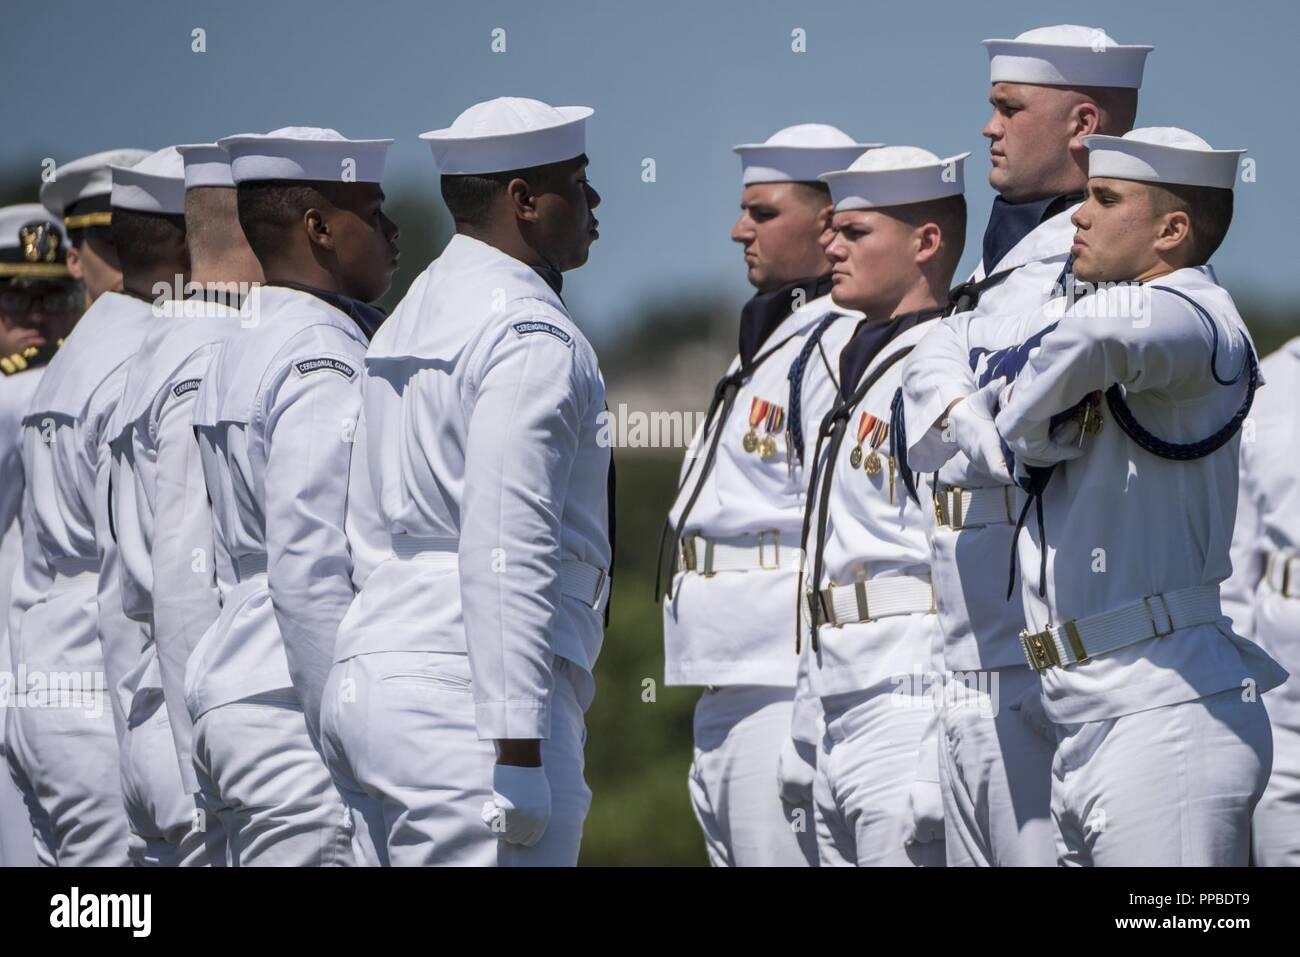 Los marineros de la Marina de los EE.UU. Guardia Ceremonial plegar la bandera de los EE.UU. durante todos los honores funerarios El Teniente Comandante de la Marina de los Estados Unidos William Liebenow en la sección 62 del Cementerio Nacional de Arlington, Arlington, Virginia, 23 de agosto de 2018. El 7 de agosto de 1943, una patrulla patroneado Liebenow barco torpedo para rescatar a los marineros de PT-109 que habían sobrevivido a varios días en inhóspitas islas tras un destructor japonés había embestido su barco, matando a dos miembros de la tripulación. Entre las personas rescatadas fue la bunkmate Liebenow, John F. Kennedy, entonces de 26. Por sus actos de heroísmo durante la II Guerra Mundial, recibió la medalla de bronce y estrellas de plata. Su Foto de stock